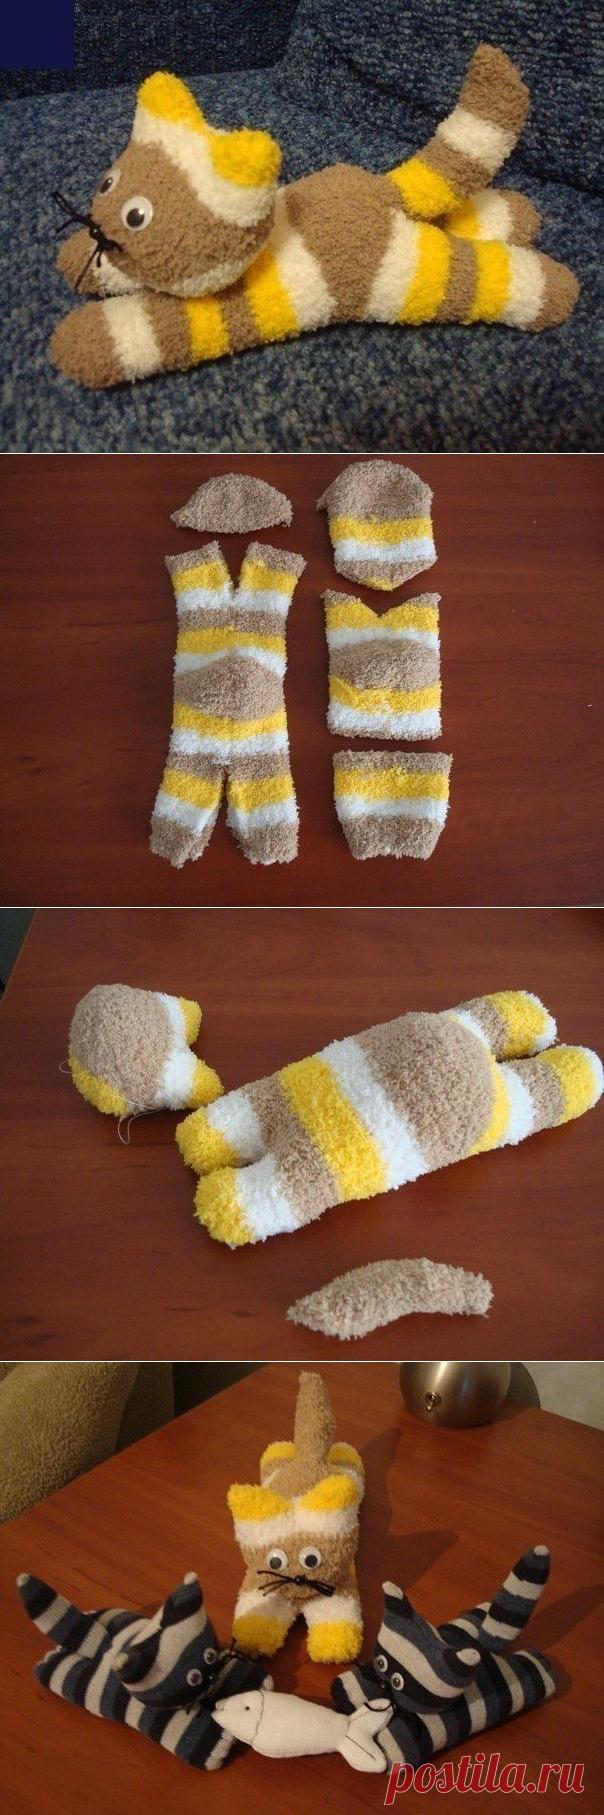 Милые игрушки из носков